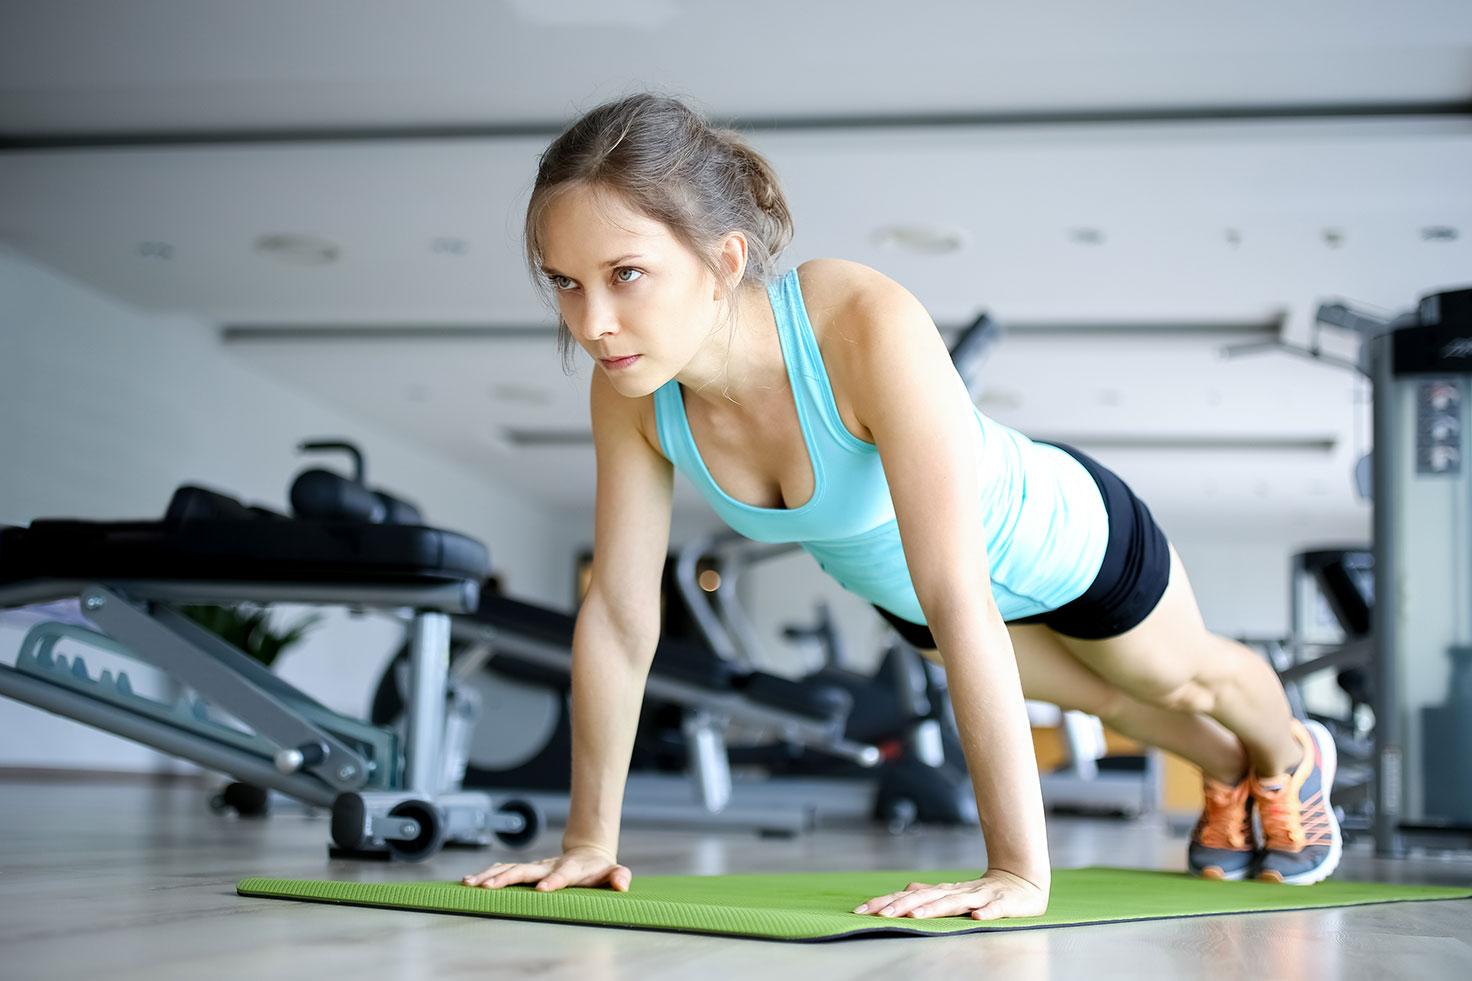 Фитнес Программа Похудения Девушек. Программа для похудения в тренажерном зале для девушек